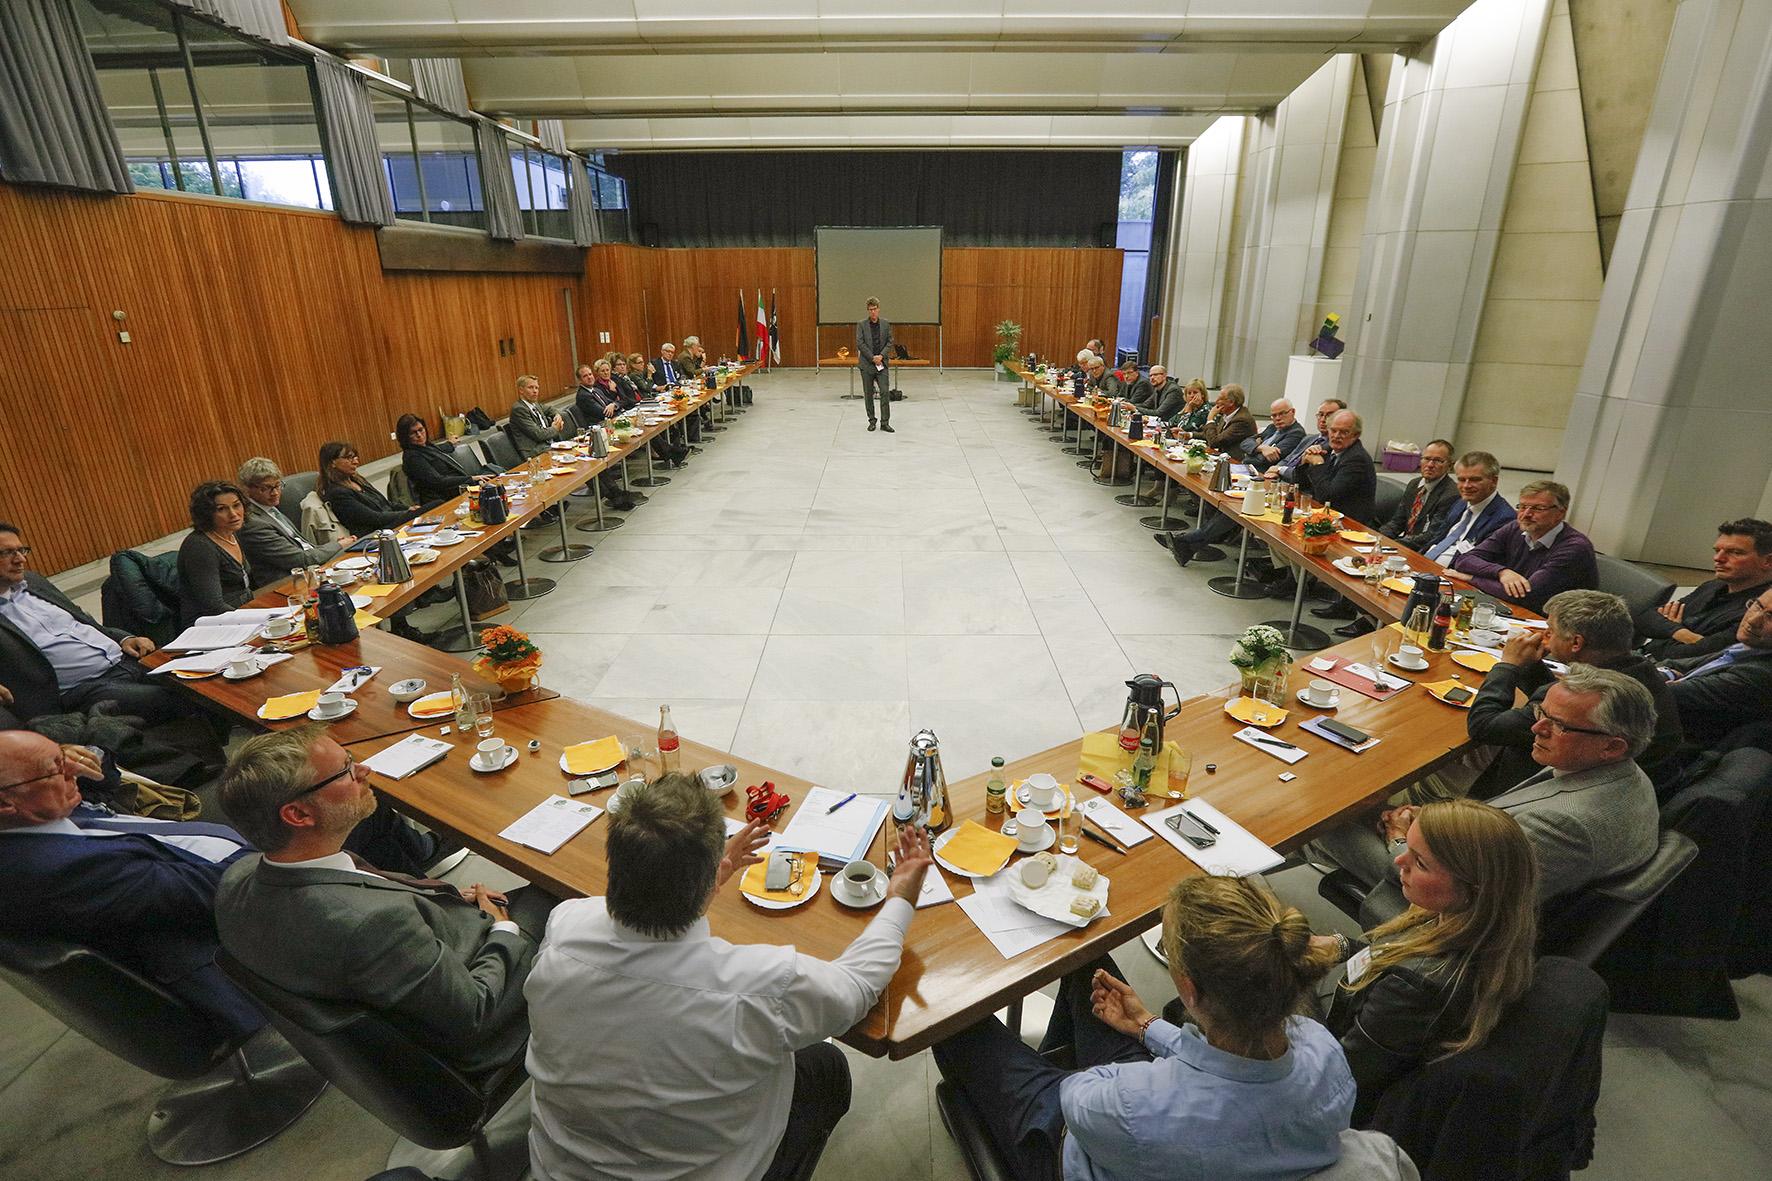 Studiereis voor burgemeesters naar Ruhrgebied | 2016